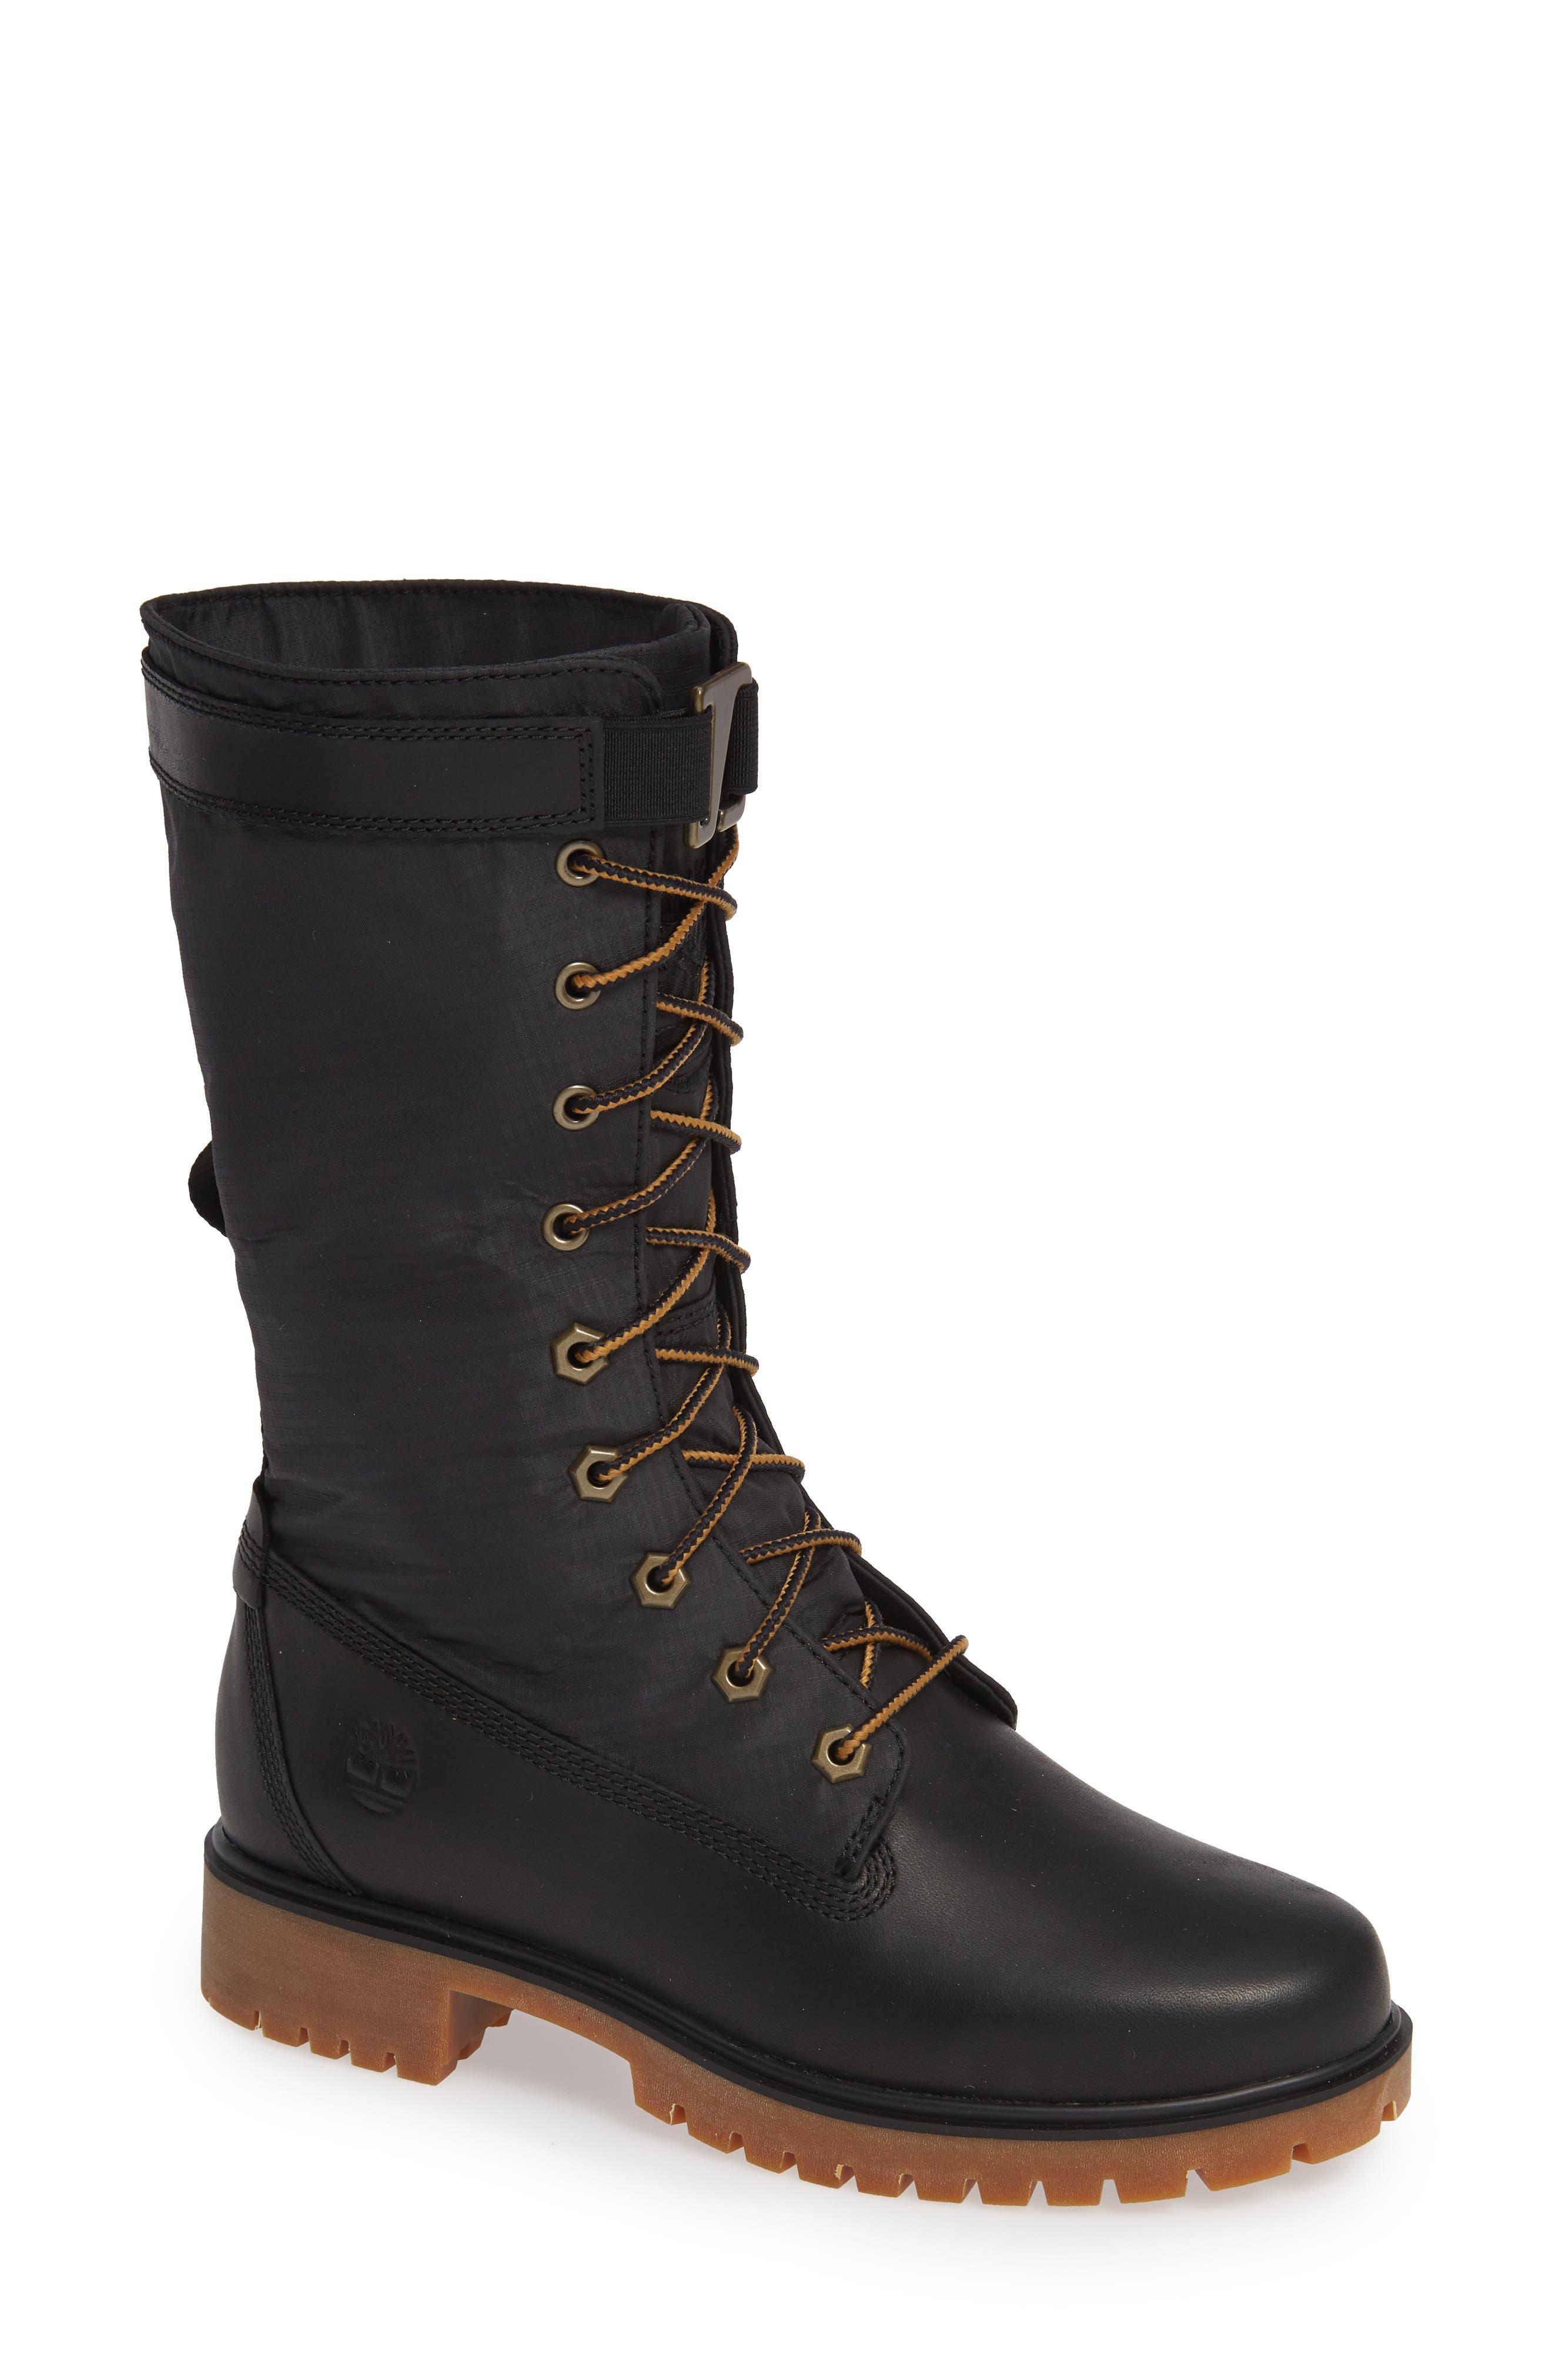 Timberland Jayne Waterproof Boot, Black